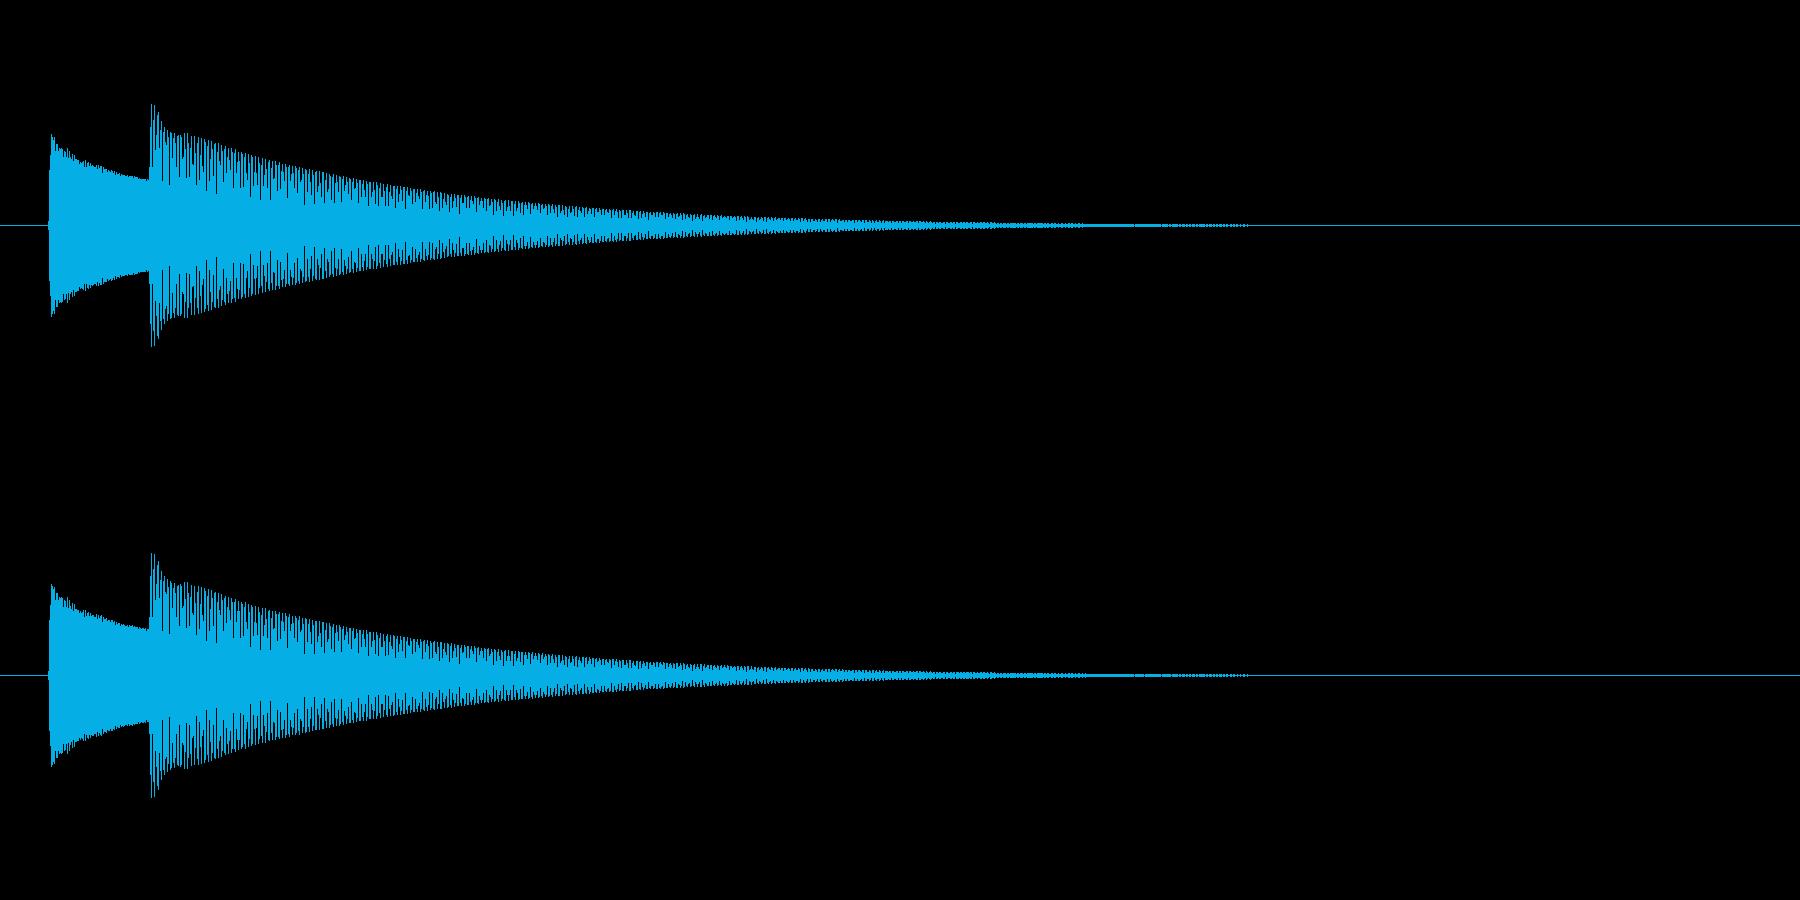 【ドアベル ピンポン02-1】の再生済みの波形